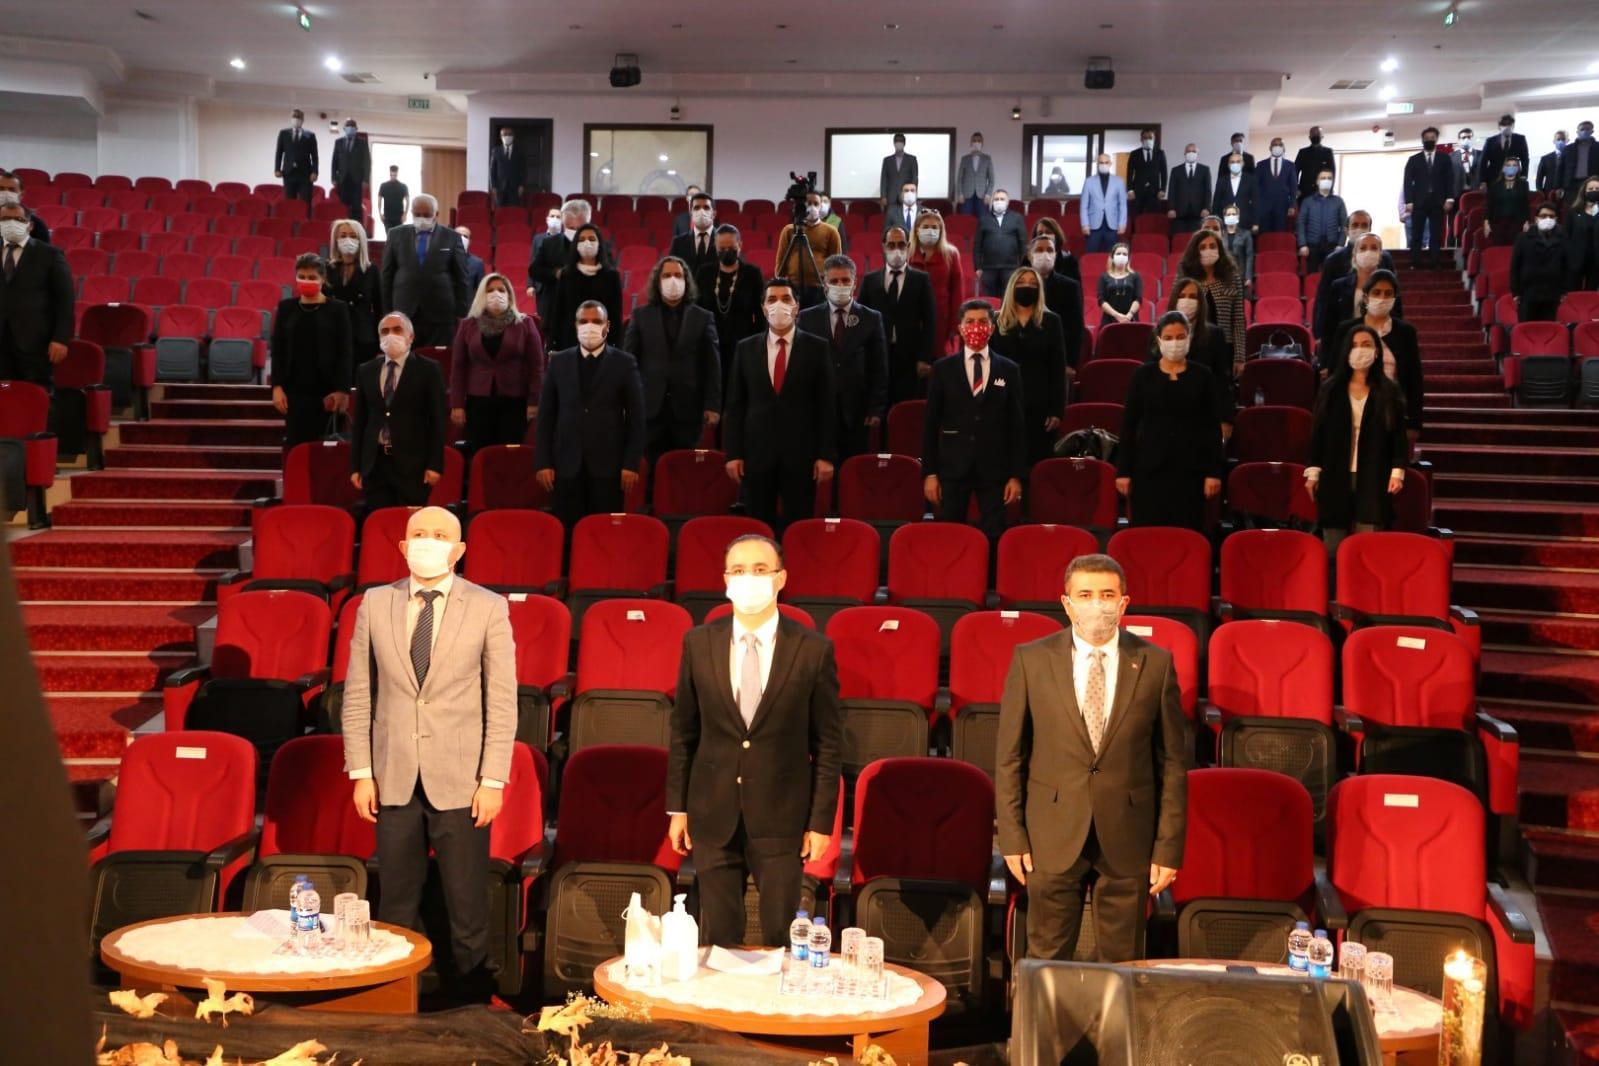 İzmir İl Milli Eğitim Müdürlüğü '10 Kasım Atatürk'ü Anma Programı' Düzenledi